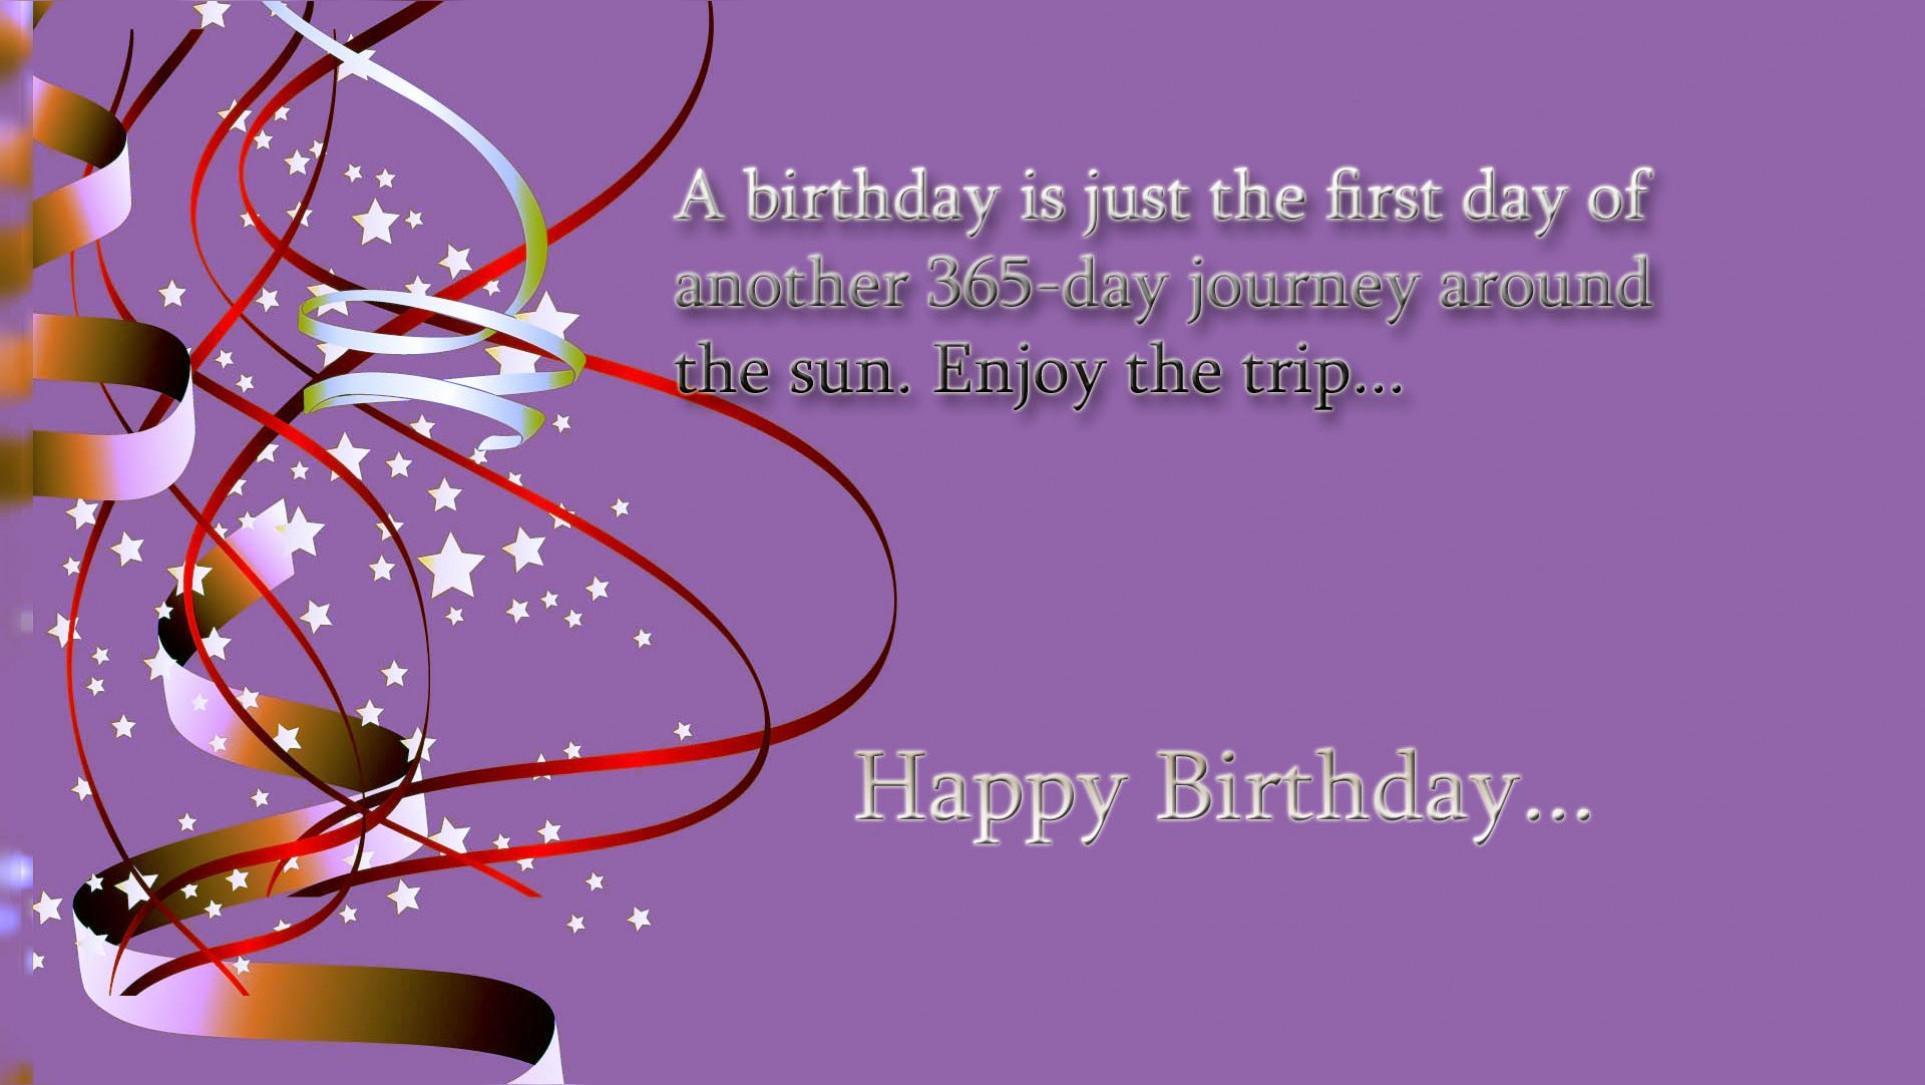 оставила поздравление с днем рождения в официальном стиле на английском выражаю